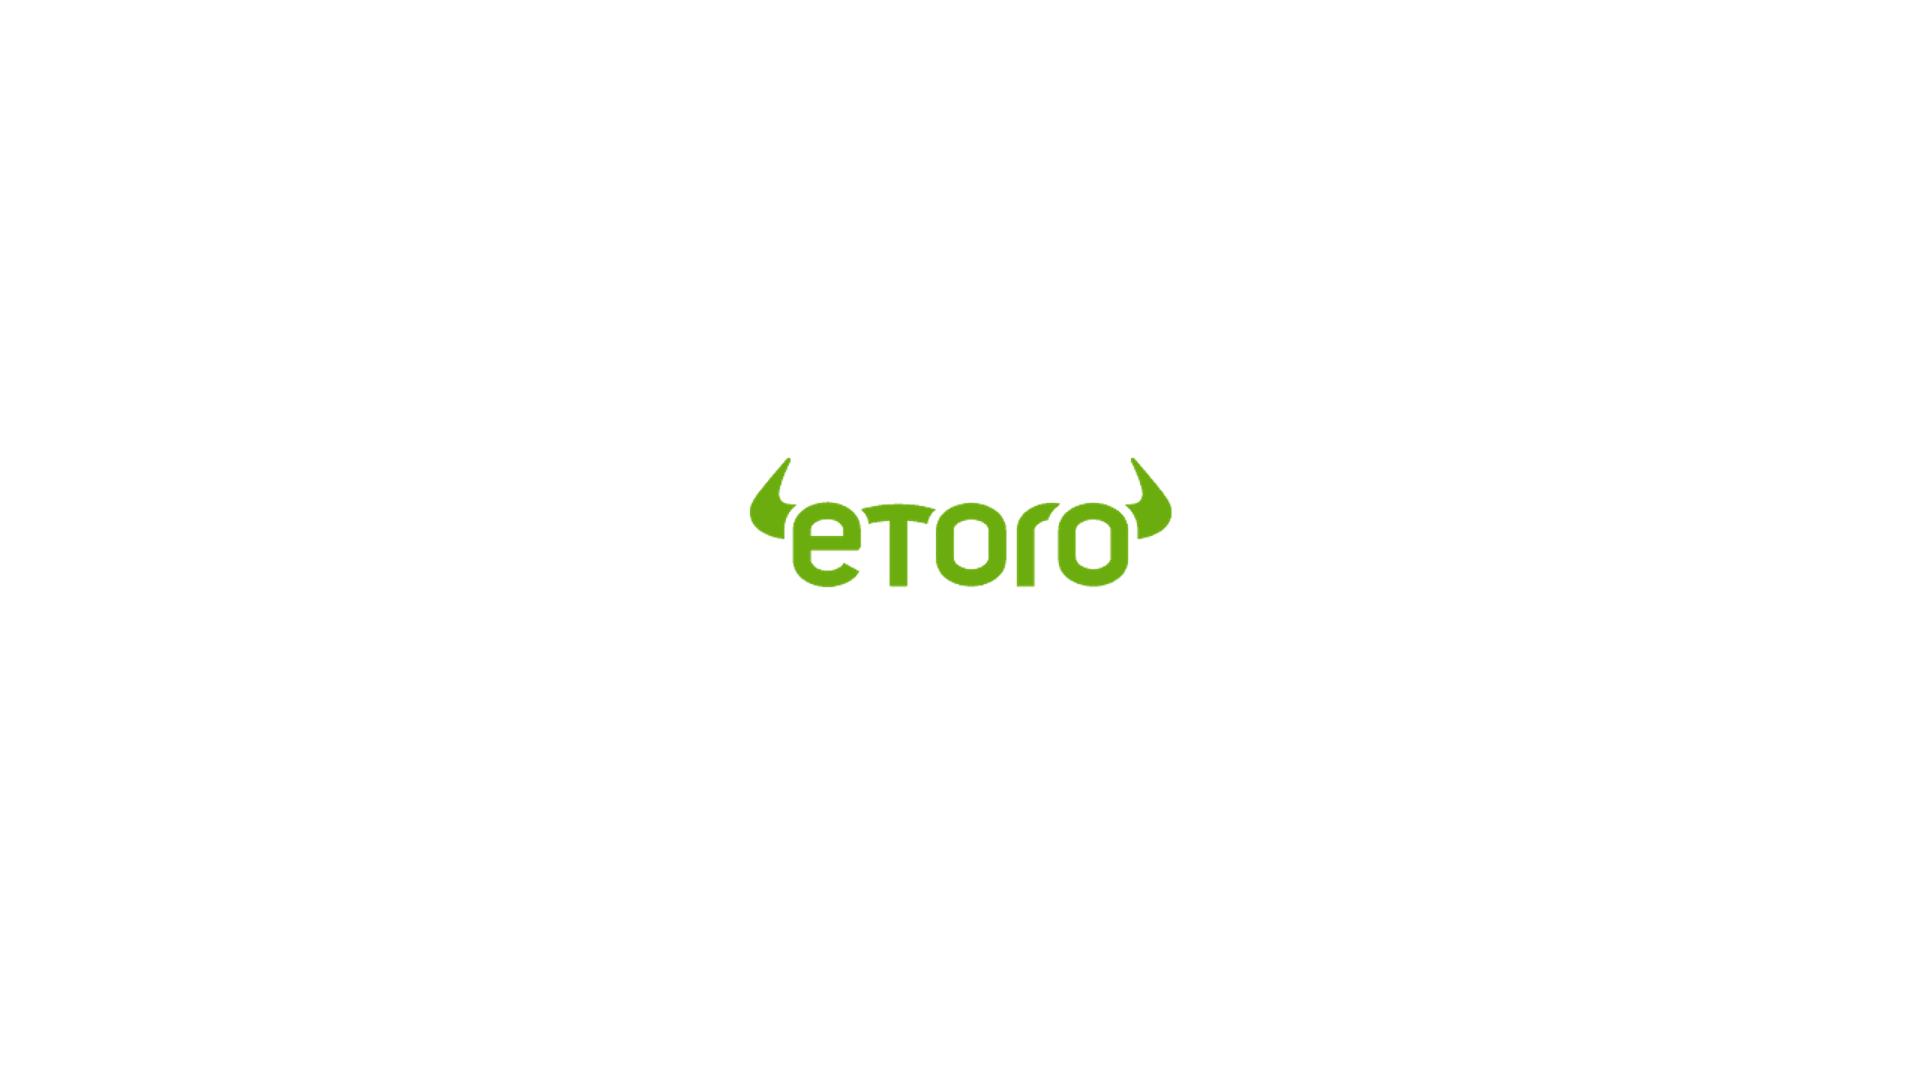 eToro внедряет стейкинг как услугу для Cardano и Tron   Bitok.blog